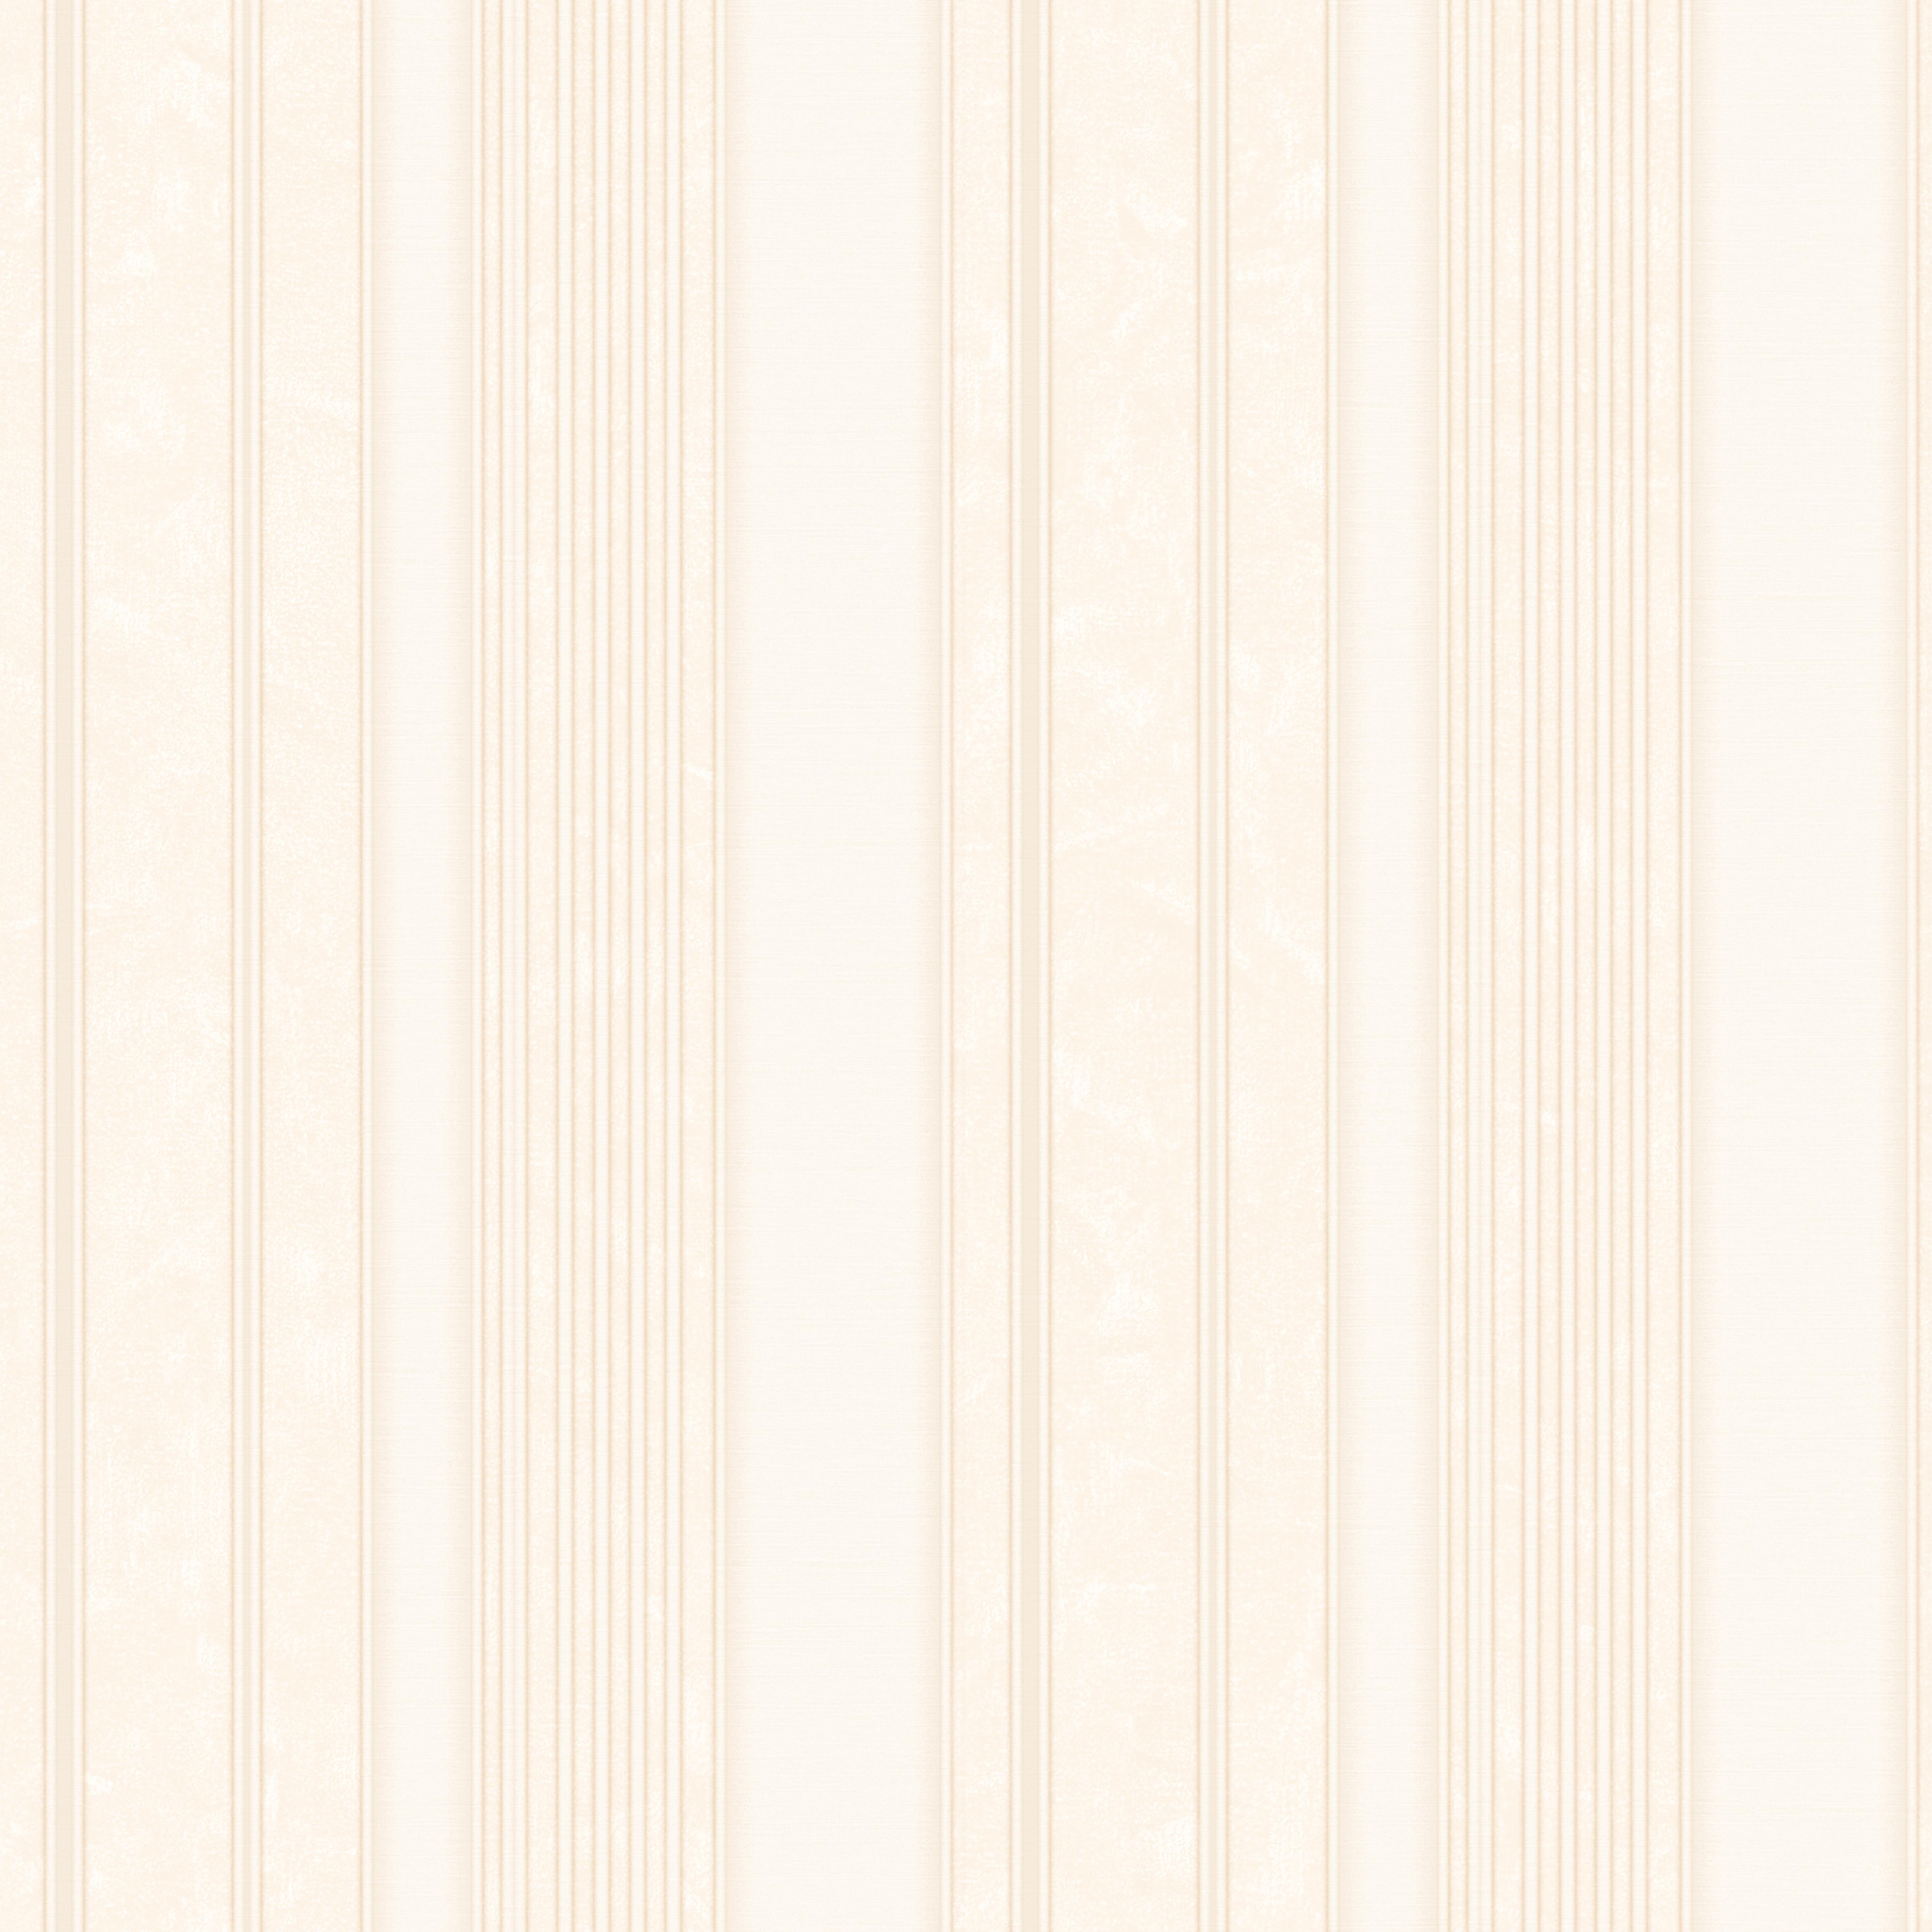 MUR 15197 Sabina Stripe Bone WP L